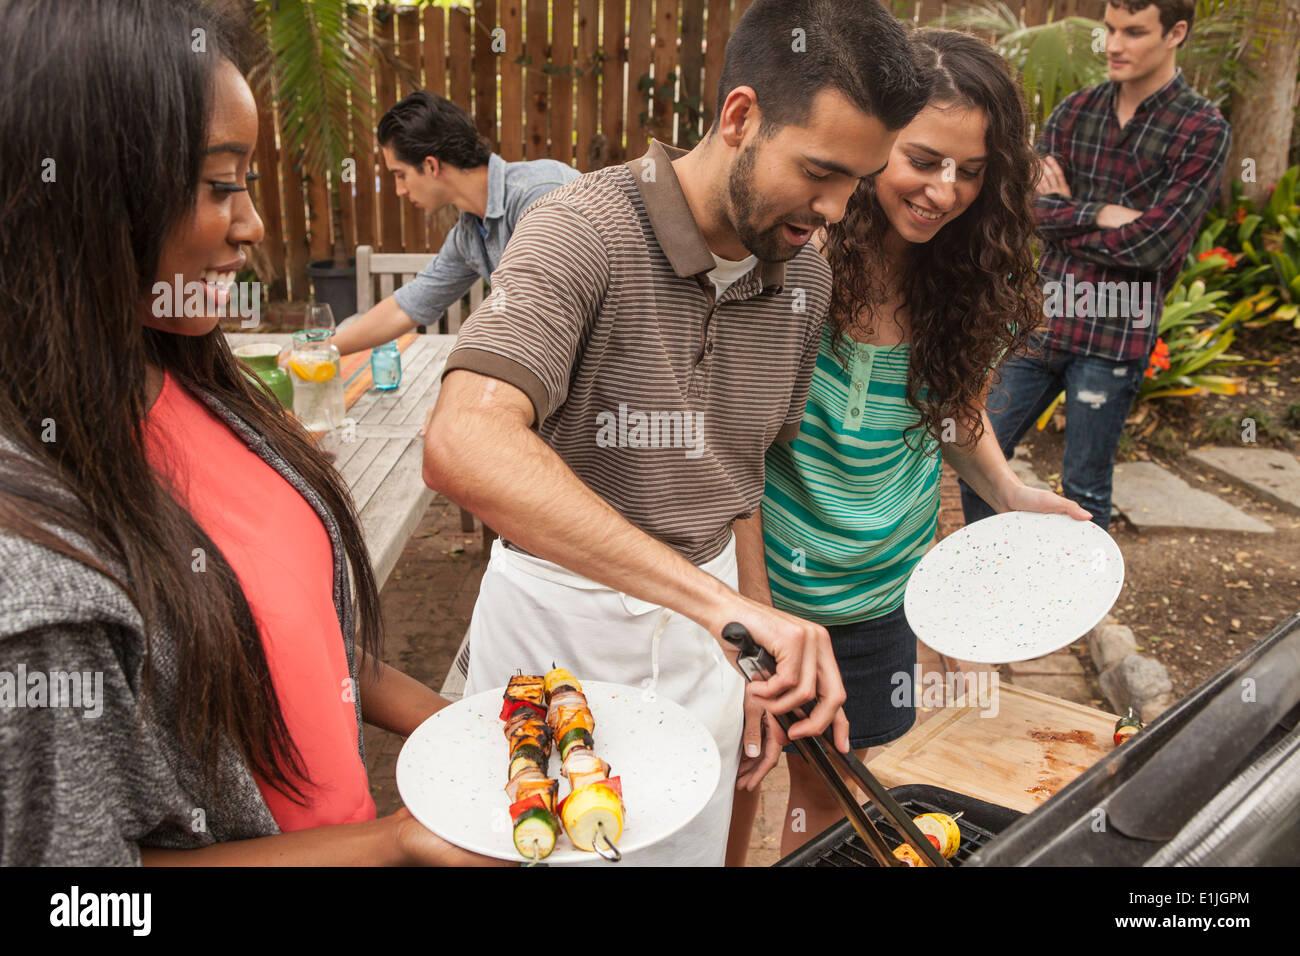 Amigos sentados alrededor de mesa compartiendo comida de barbacoa Imagen De Stock